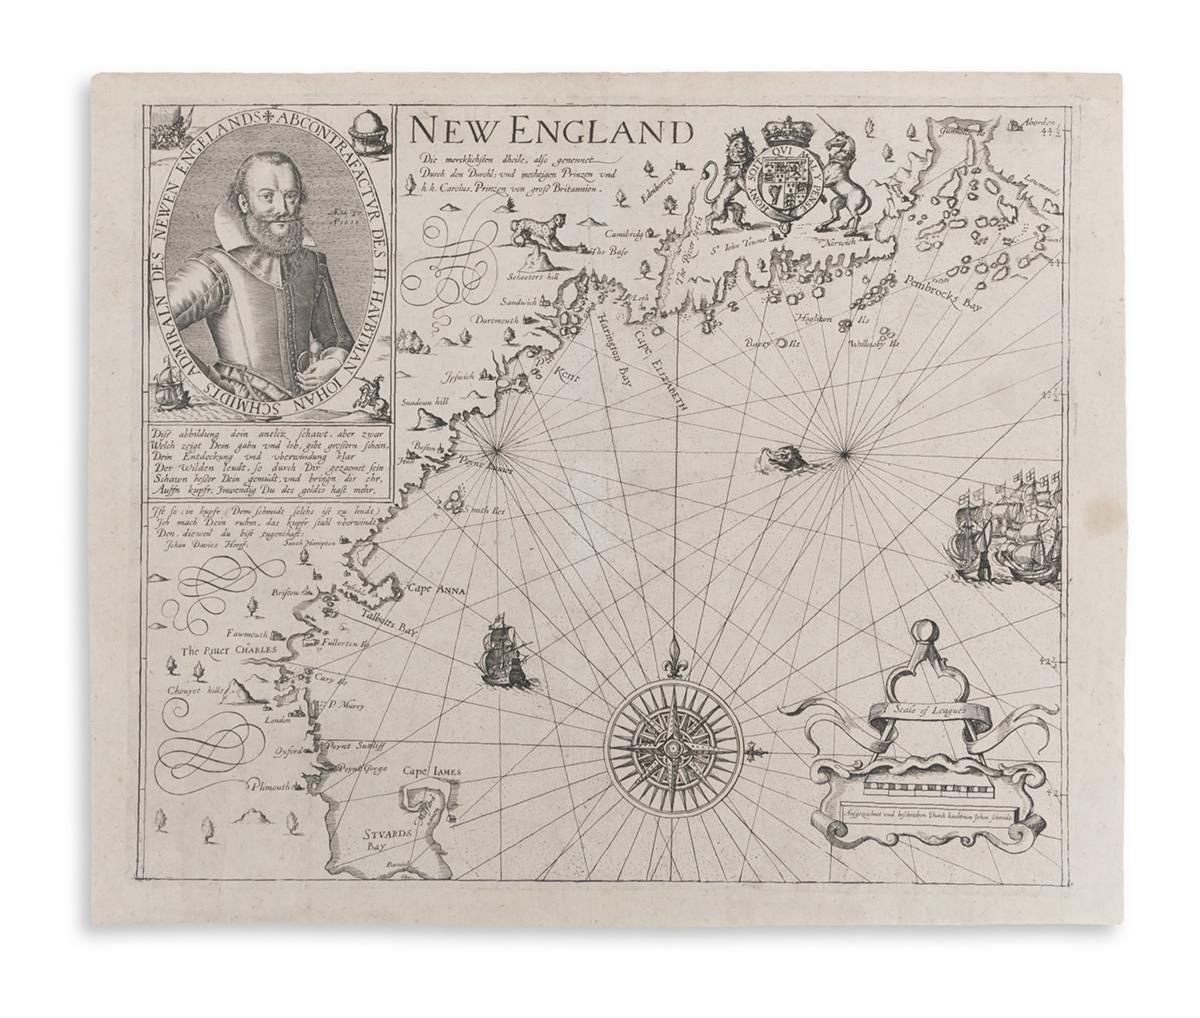 SMITH-JOHN-Captain;-after-New-England-Die-Mercklichsten-Dhei